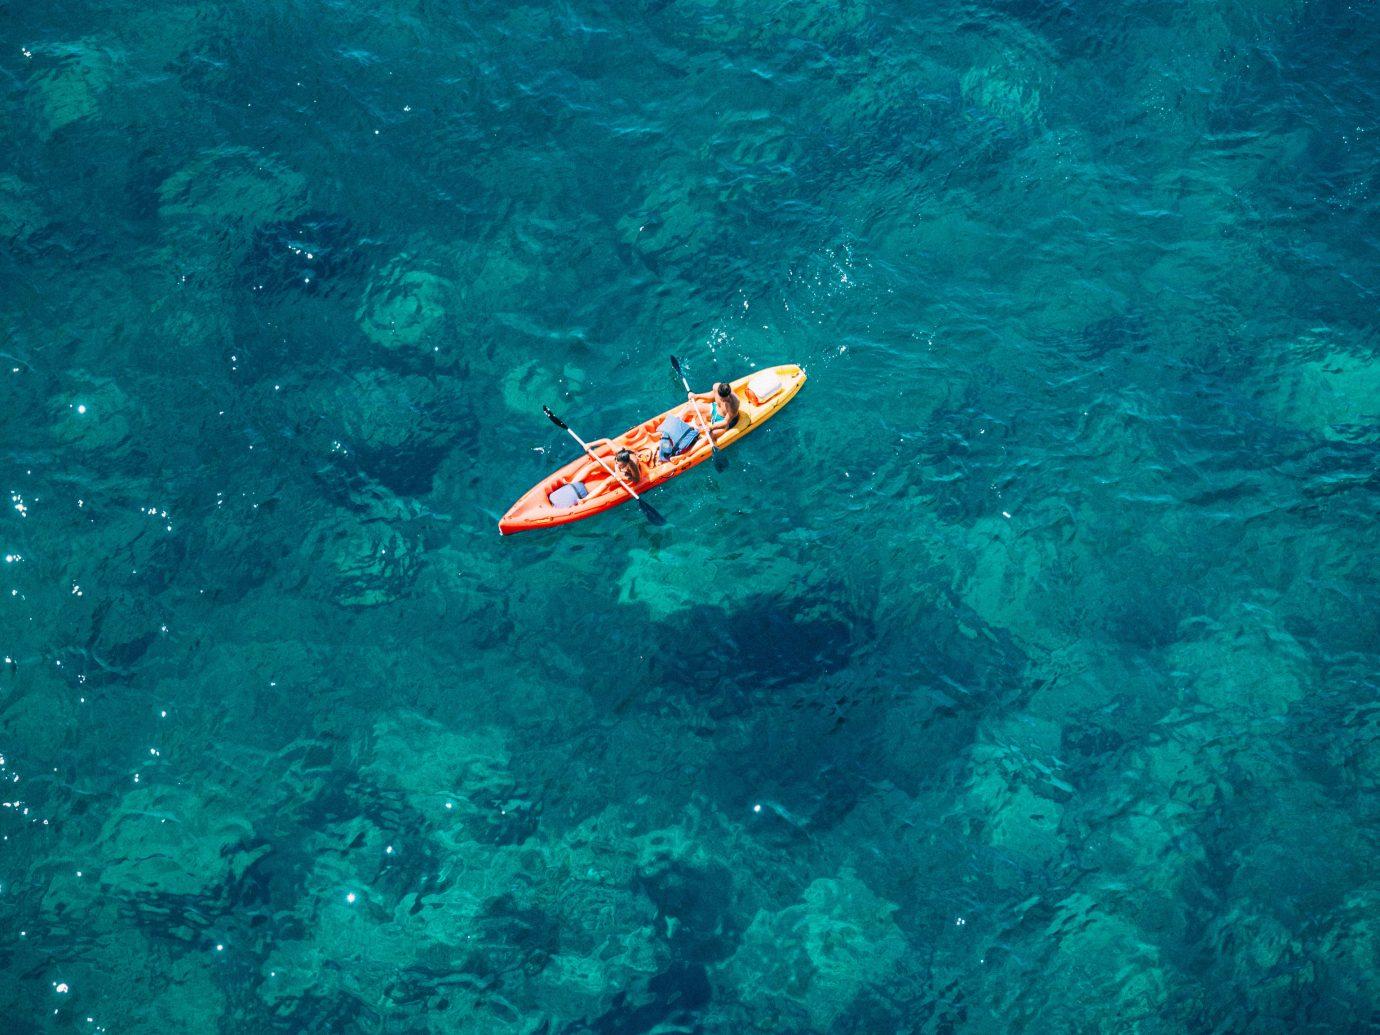 Trip Ideas outdoor marine biology reef underwater biology Sea Ocean vehicle water sport sports diving underwater diving coral reef blue ocean floor